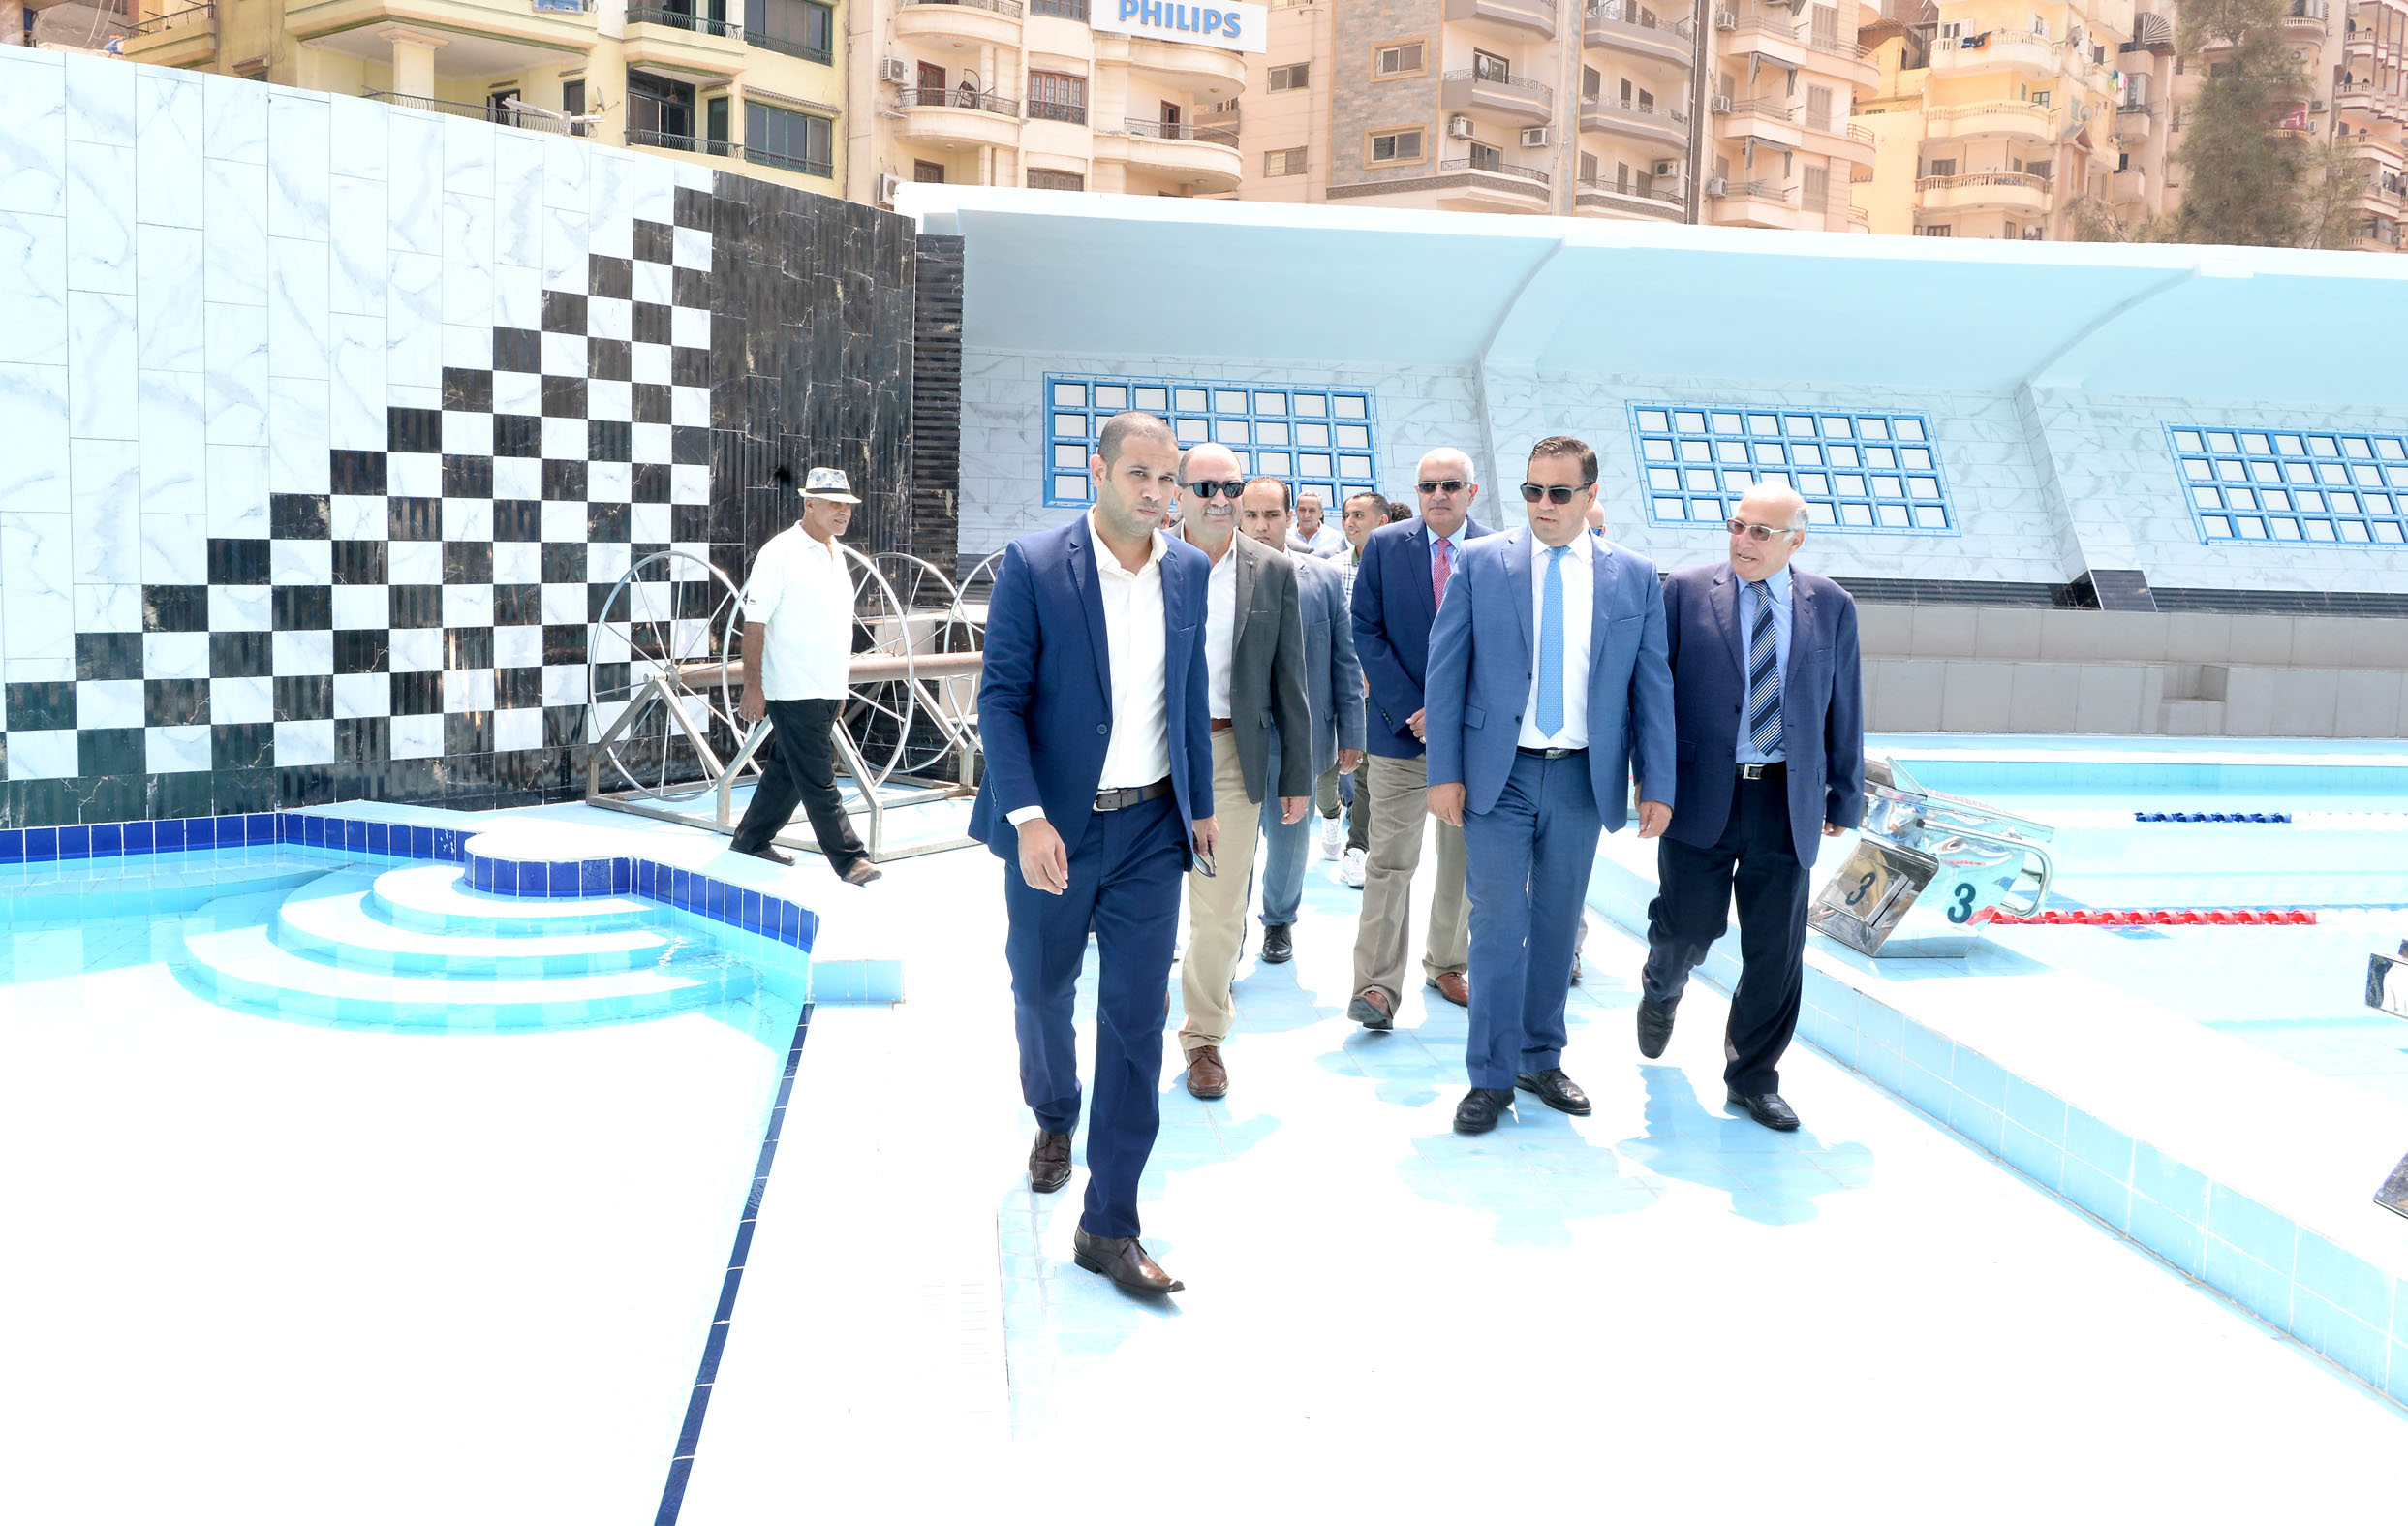 رئيس جامعة المنصورة يفتتح حمام السباحة التعليمى بالقرية الأولمبية بجامعة المنصورة (5)